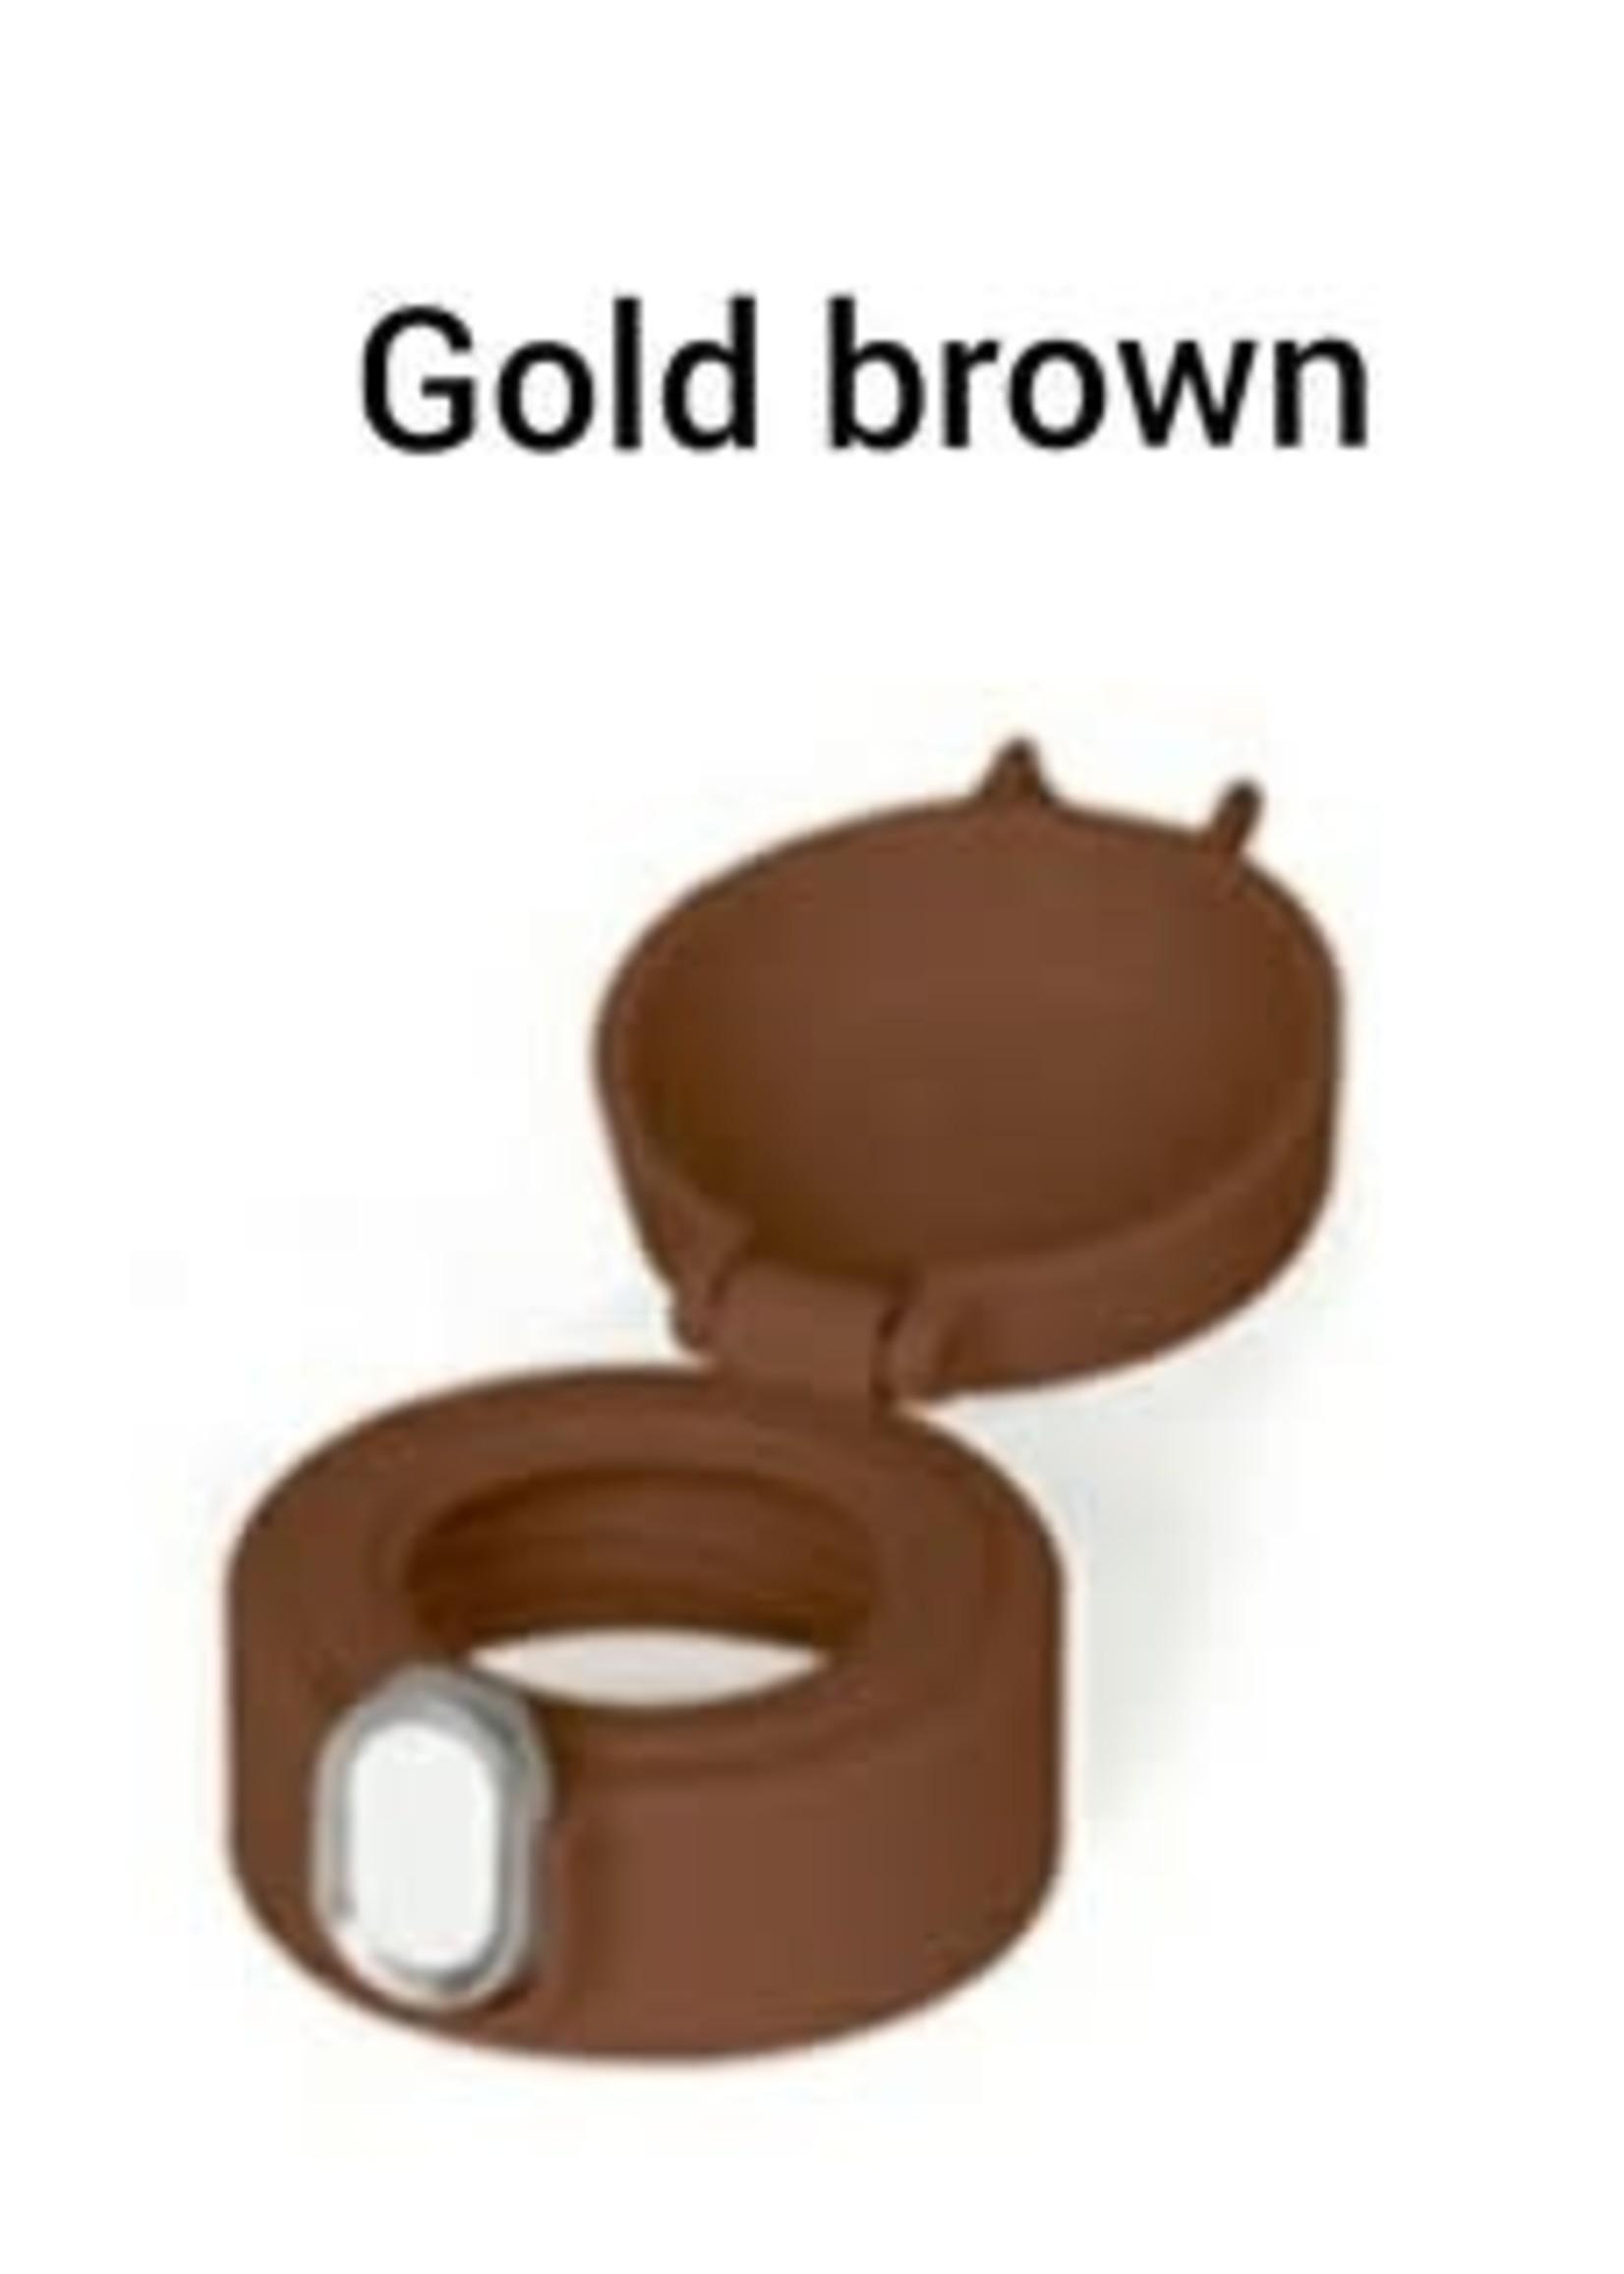 Grosmimi Grosmimi One Touch Cap V2 (Gold Brown)